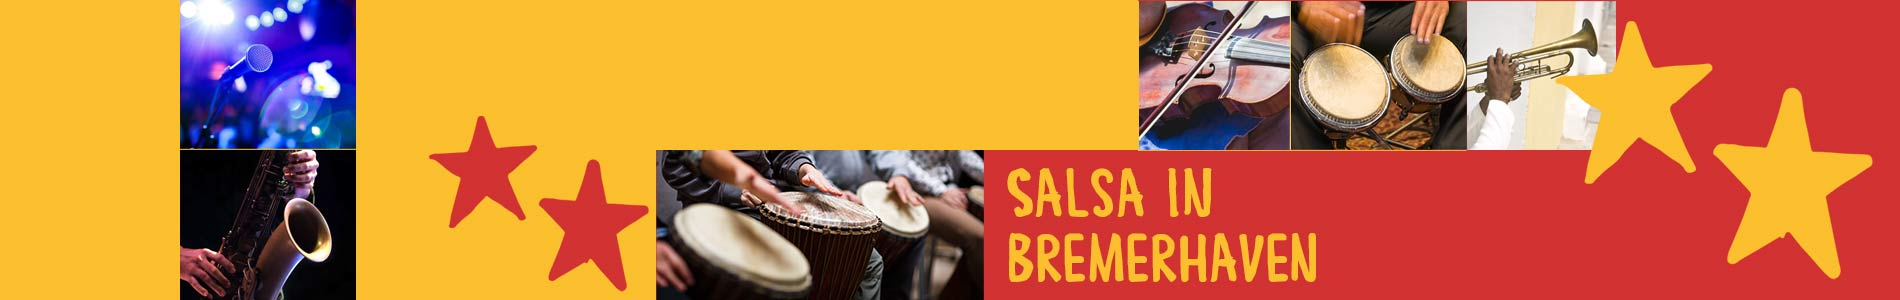 Salsa in Bremerhaven – Salsa lernen und tanzen, Tanzkurse, Partys, Veranstaltungen